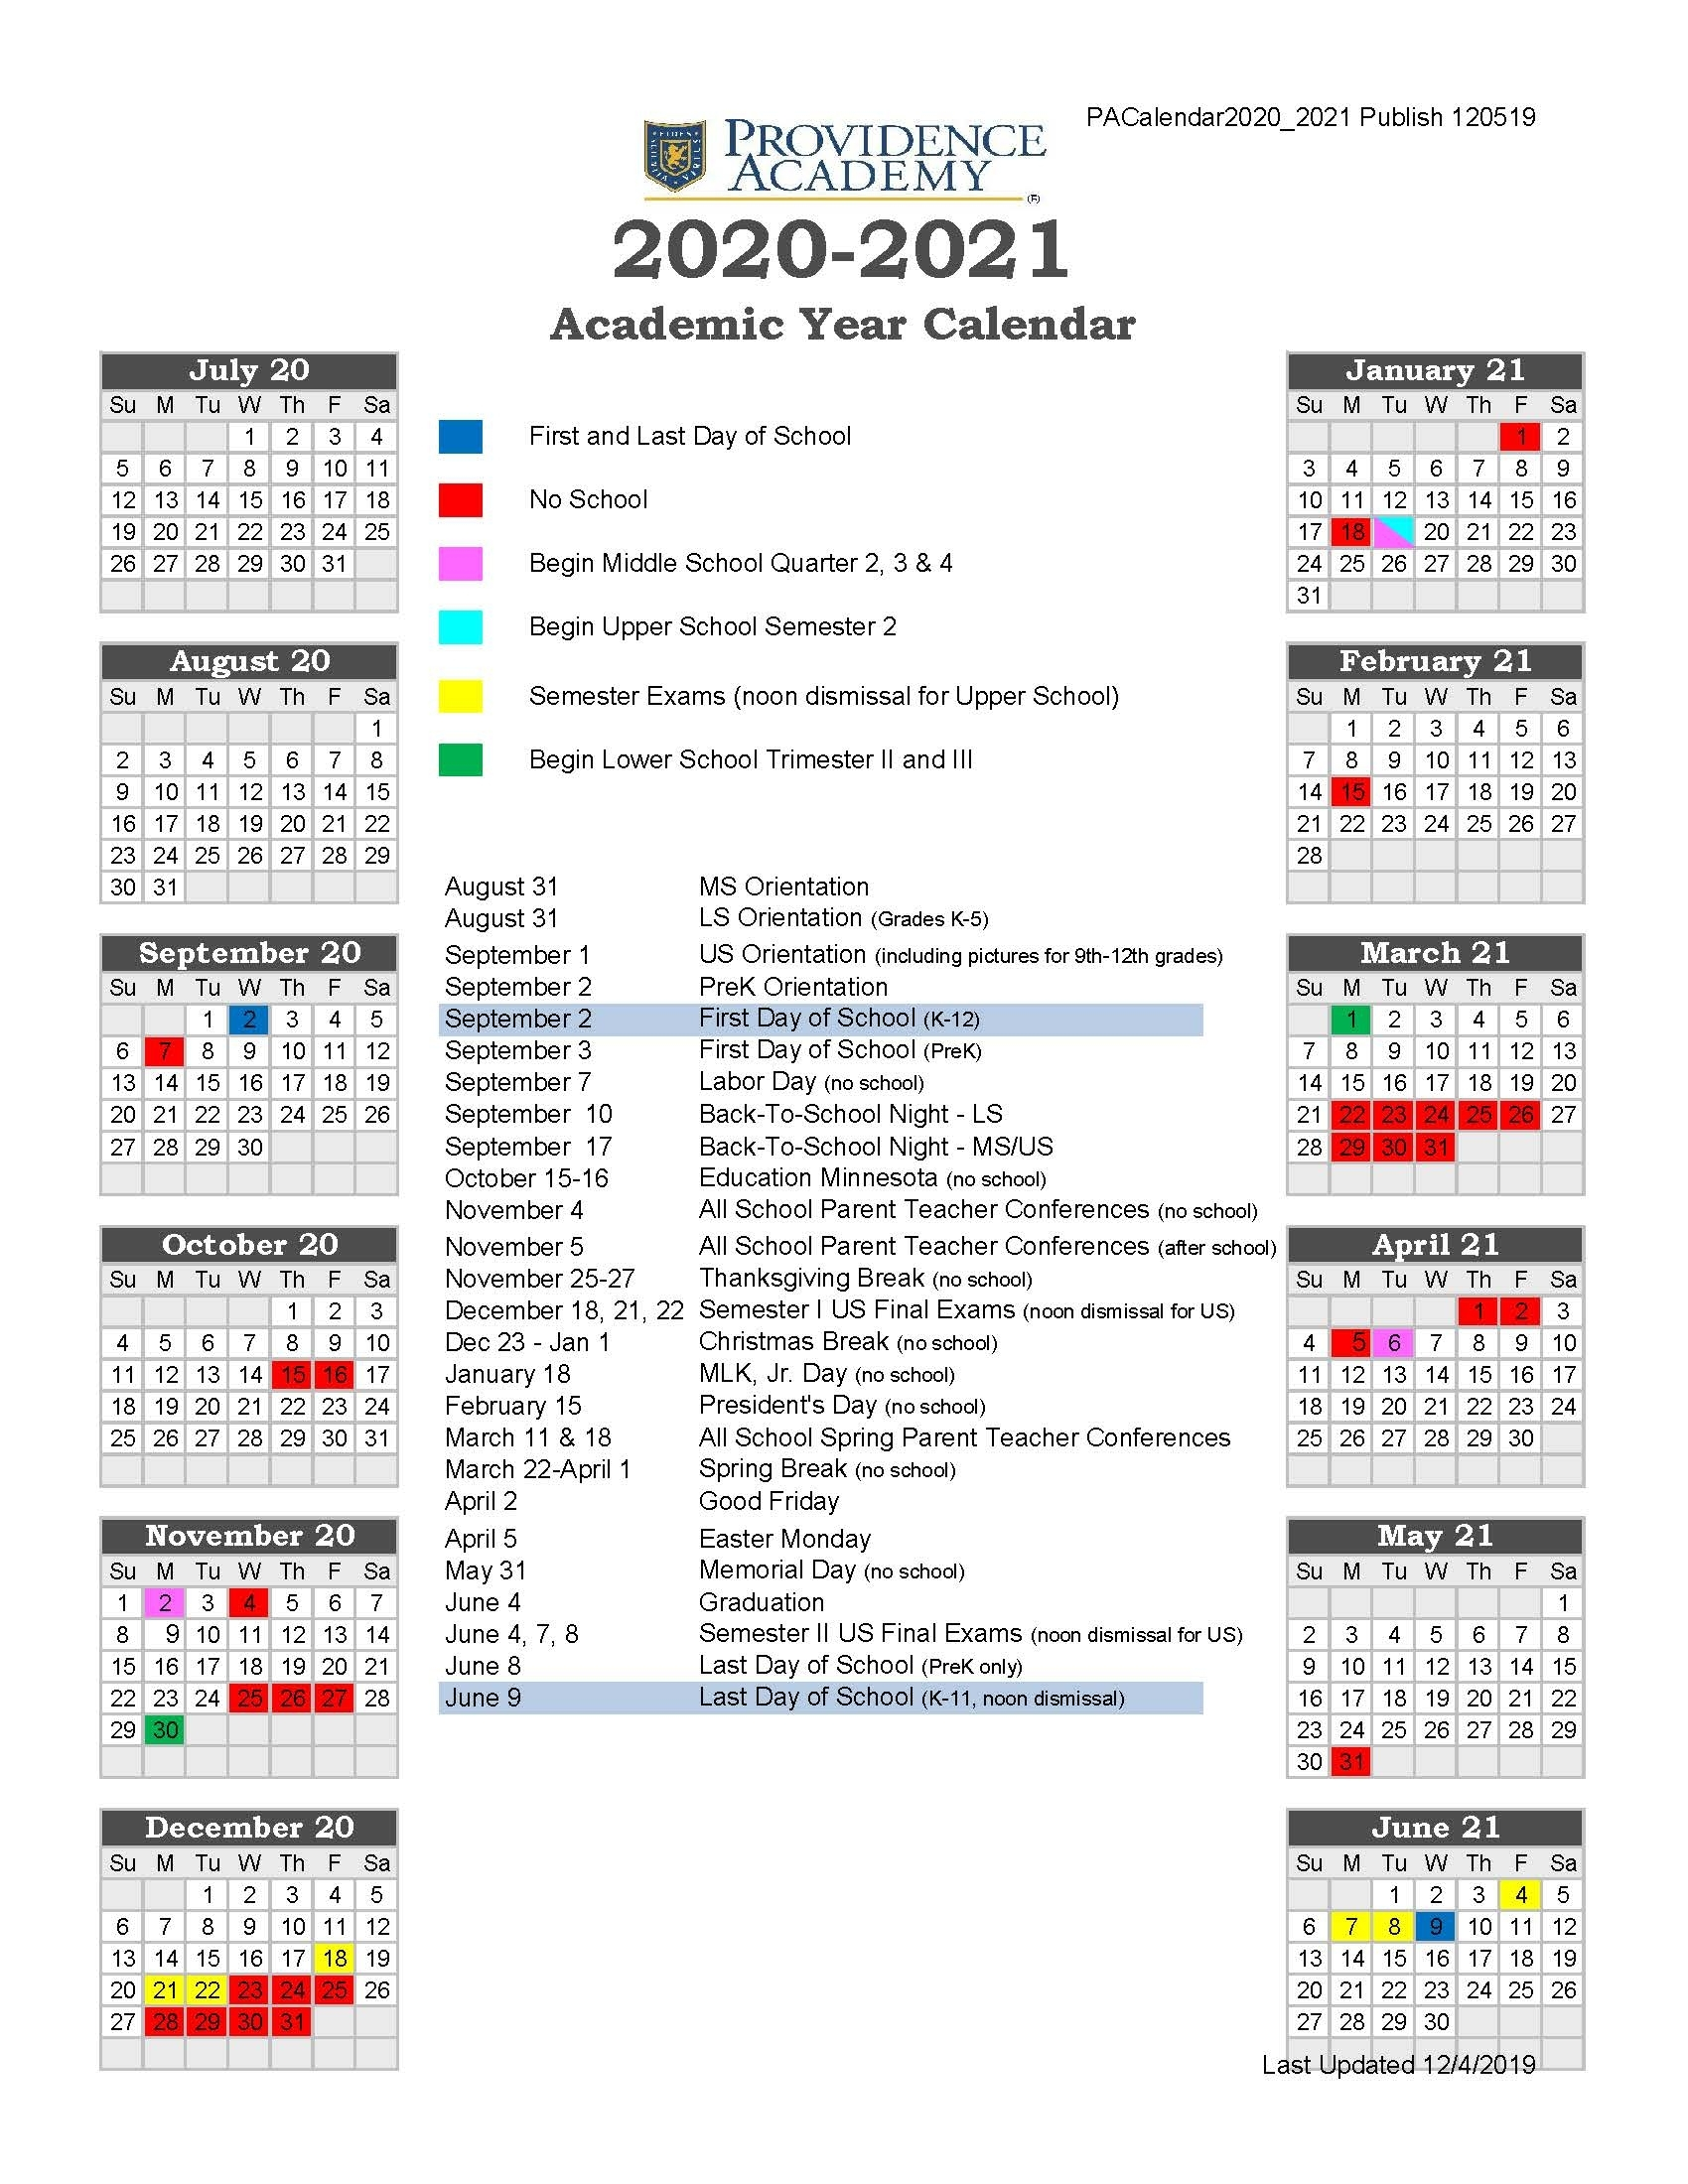 19-20_Providence-Academy-Academic-Calendar-2020-2021